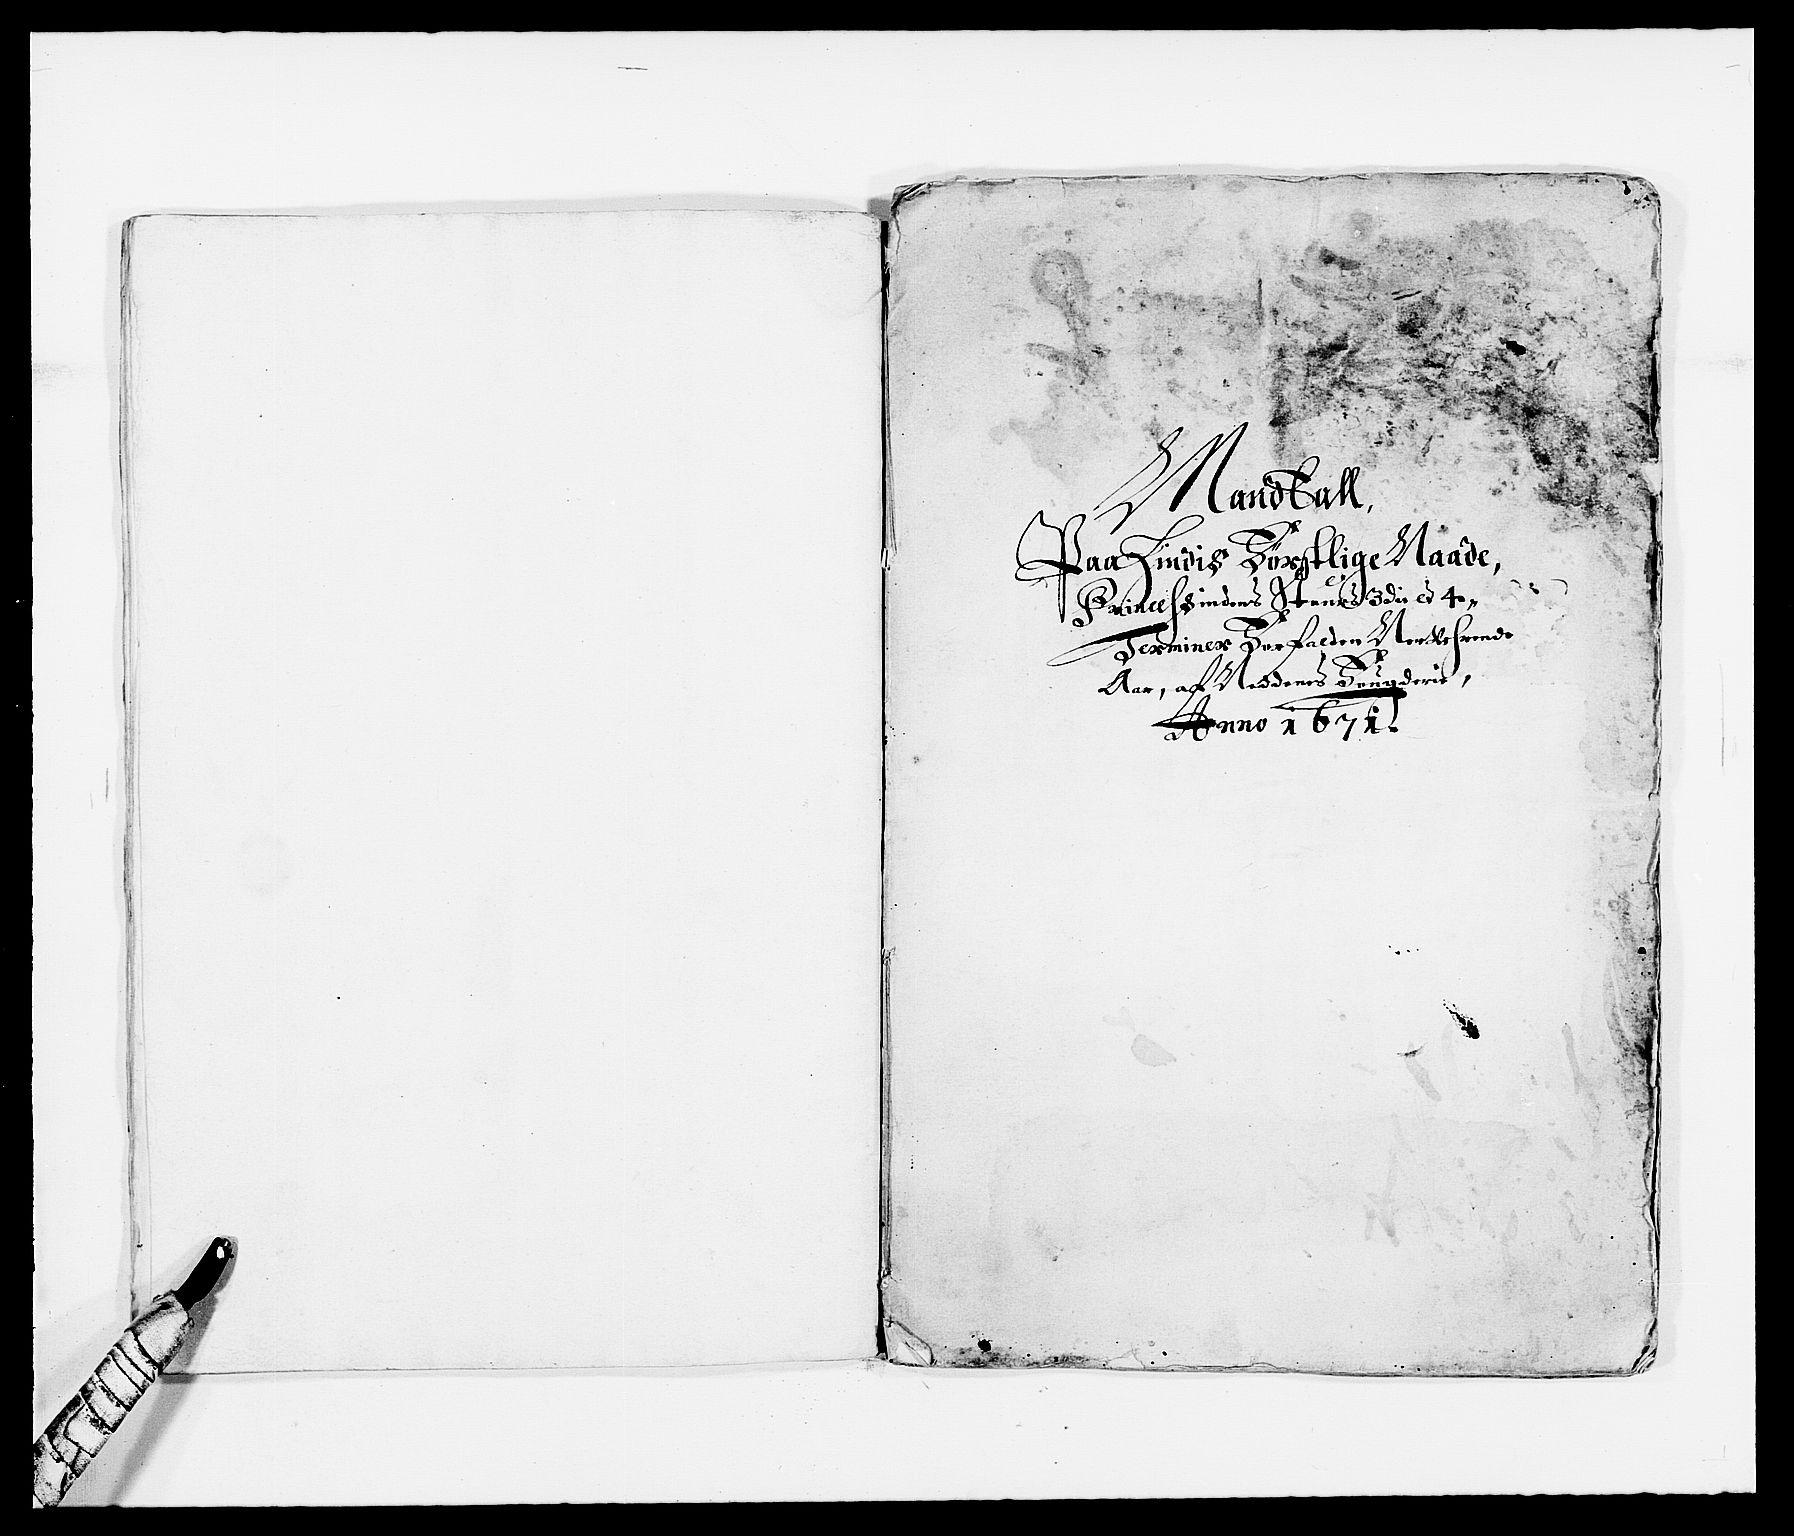 RA, Rentekammeret inntil 1814, Reviderte regnskaper, Fogderegnskap, R39/L2299: Fogderegnskap Nedenes, 1670-1671, s. 259